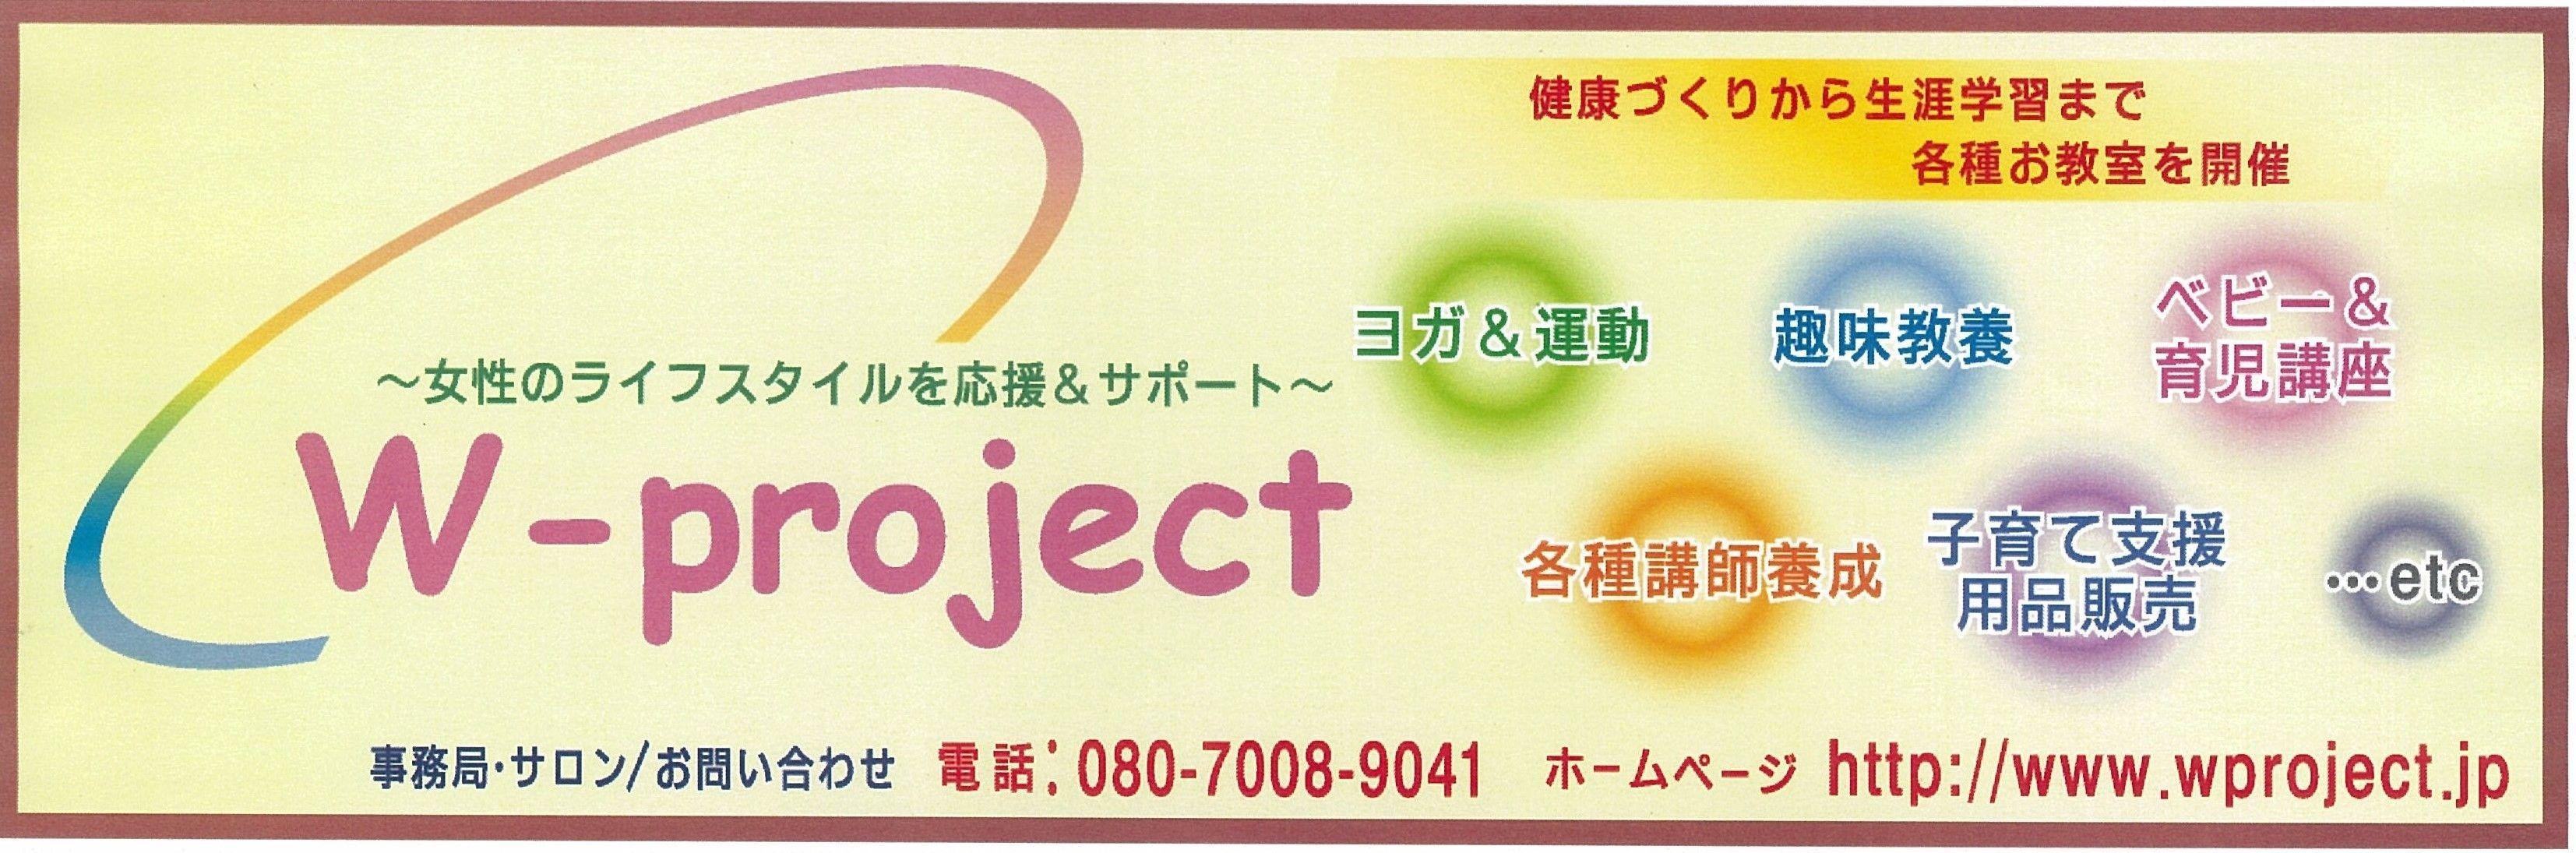 健康・子育て・生涯学習サークルW-project